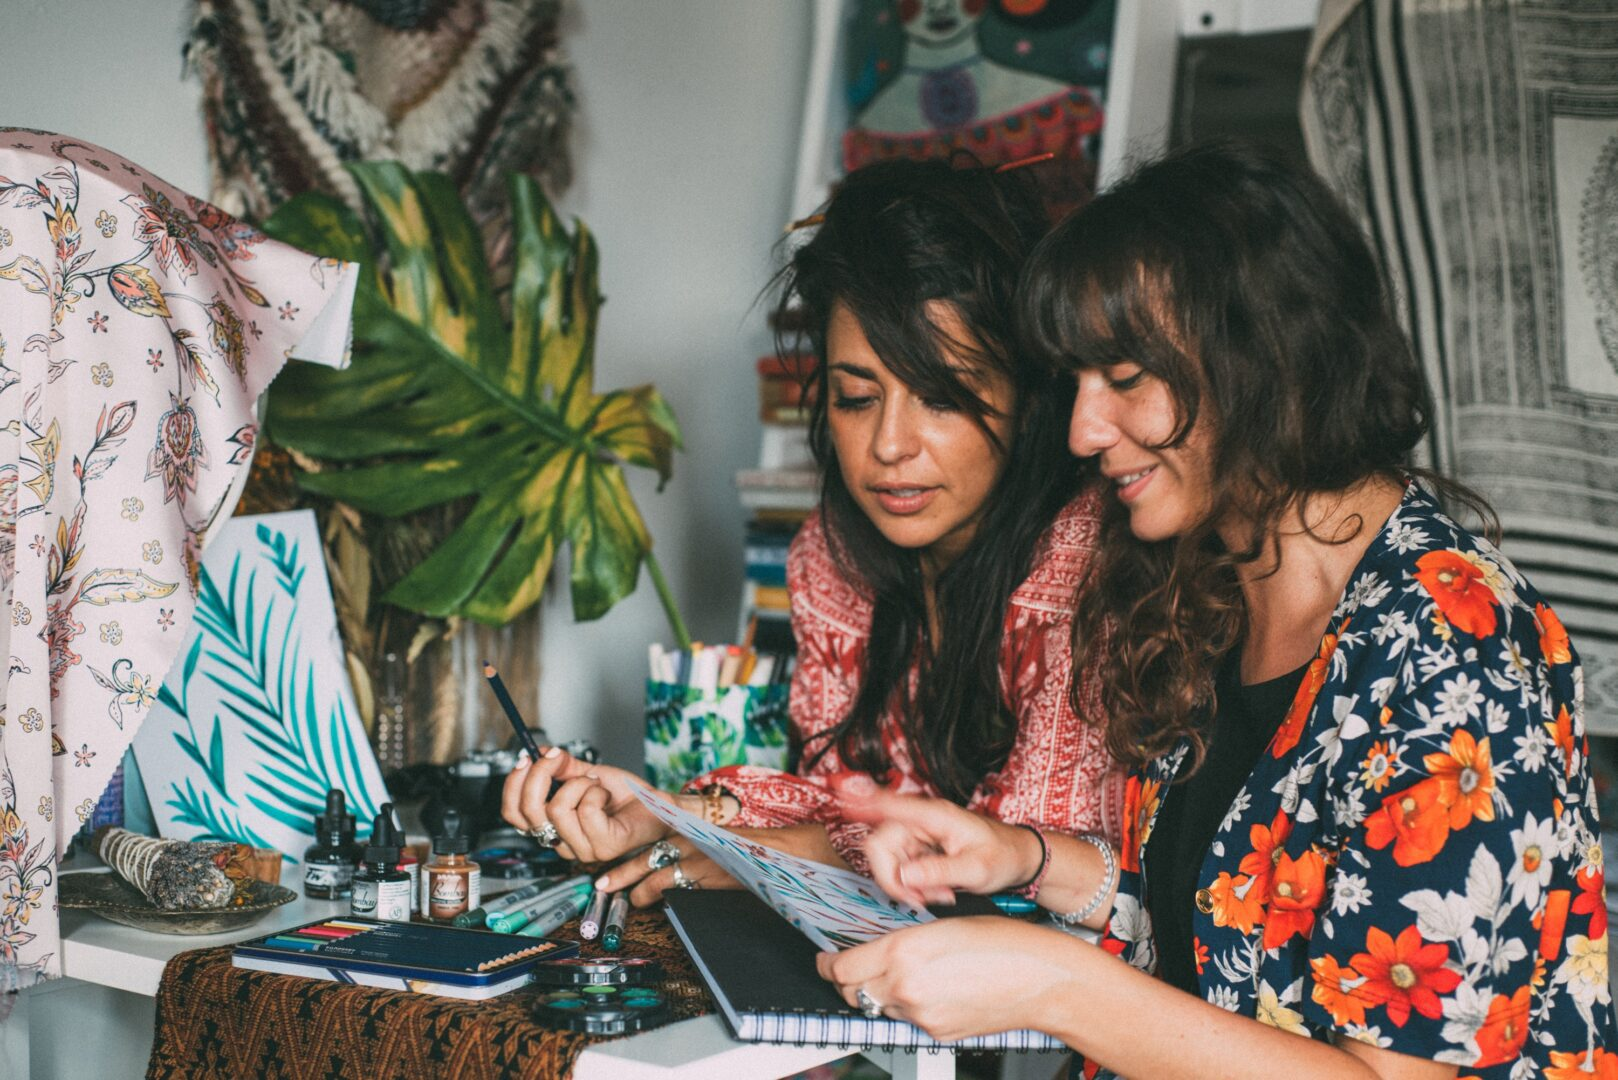 Criatividade no trabalho — eu também quero viver!